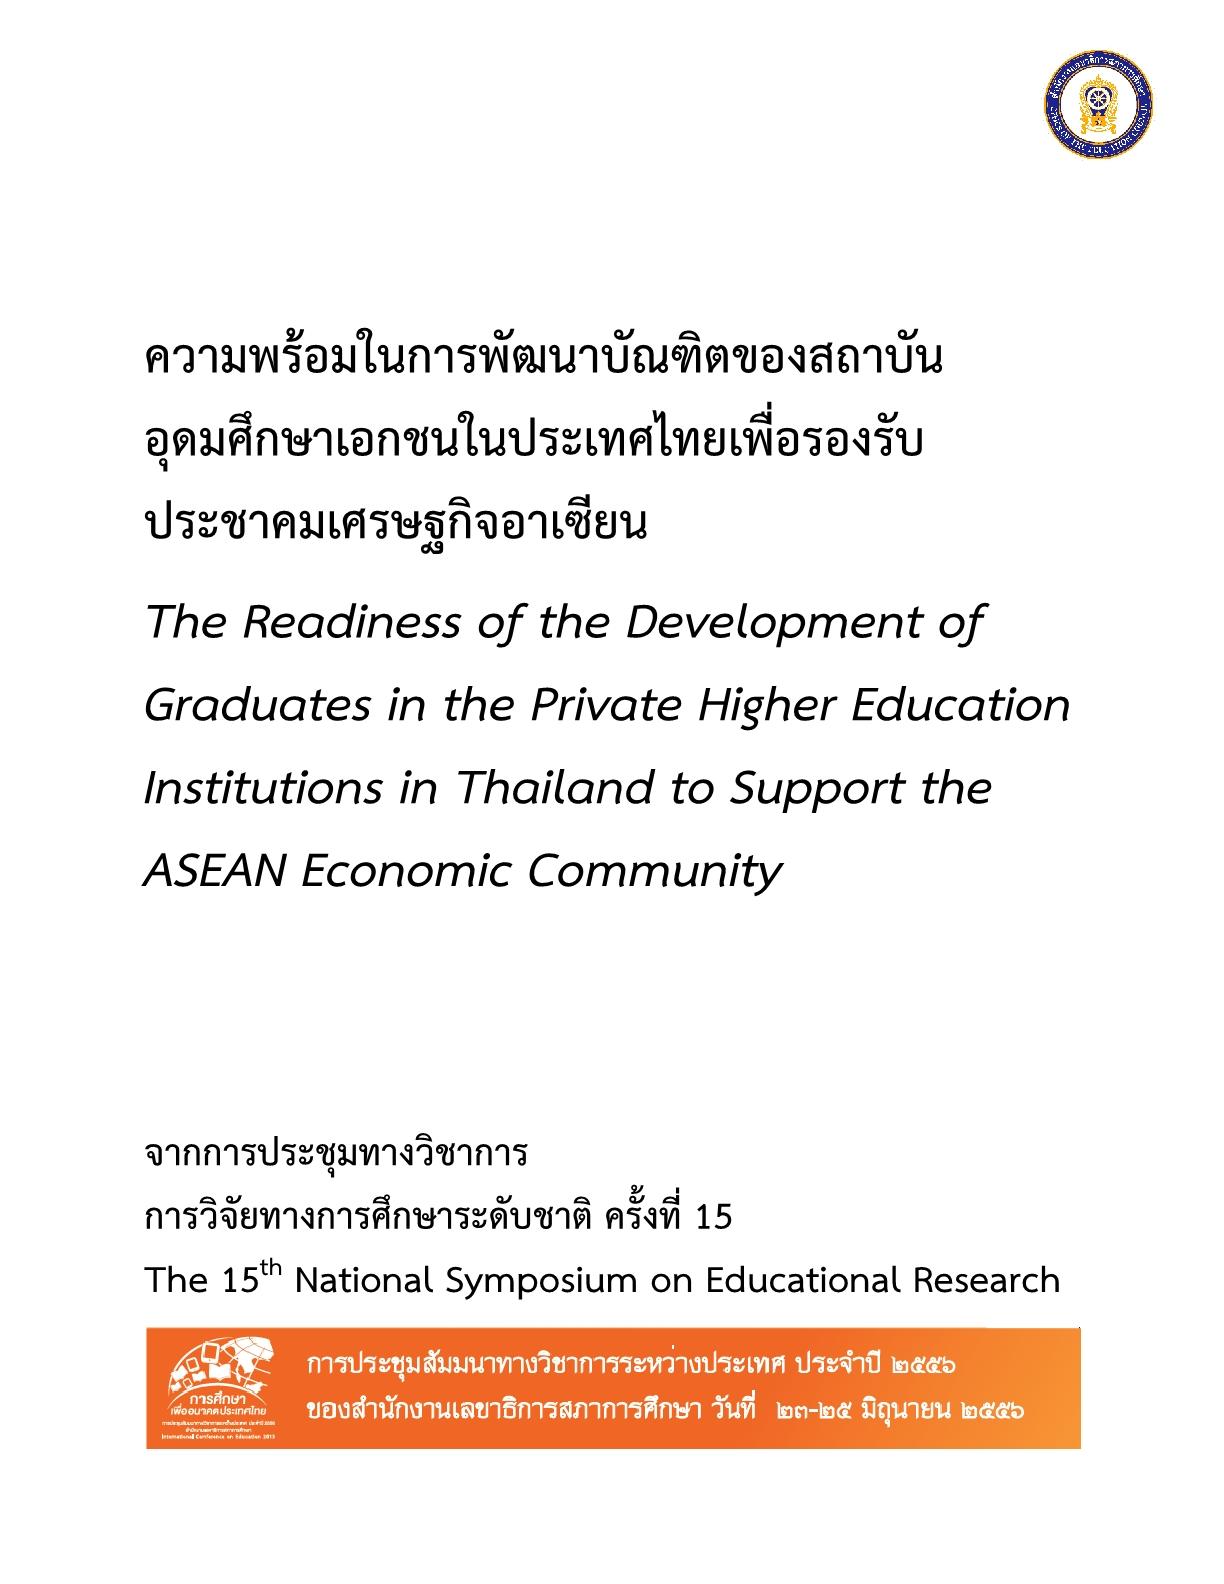 ความพร้อมในการพัฒนาบัณฑิตของสถาบันอุดมศึกษาเอกชนในประเทศไทยเพื่อรองรับประชาคมเศรษฐกิจอาเซียน